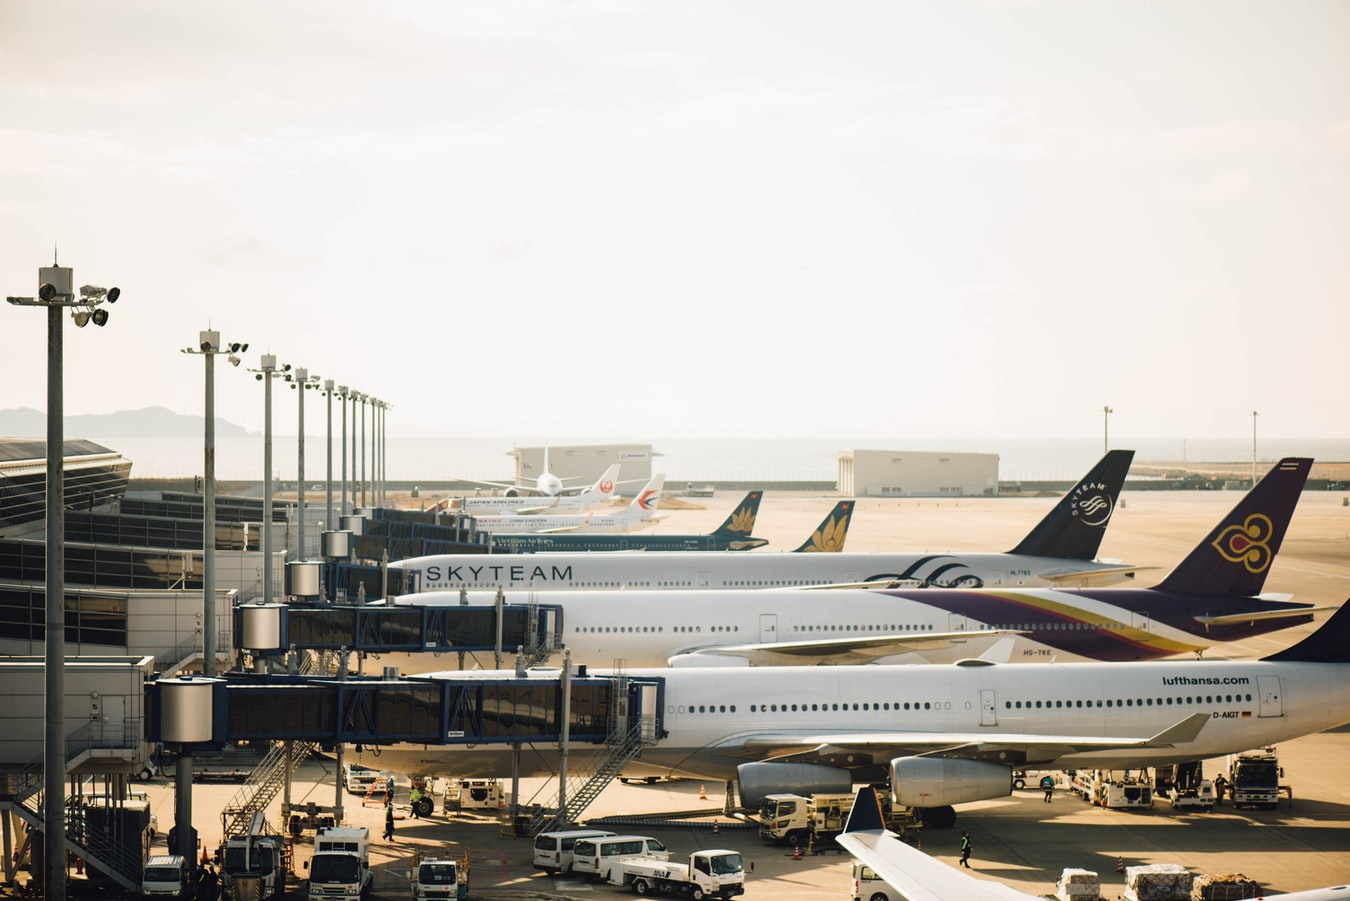 Yếu tố ảnh hưởng đến giá cước vận chuyển hàng không quốc tế